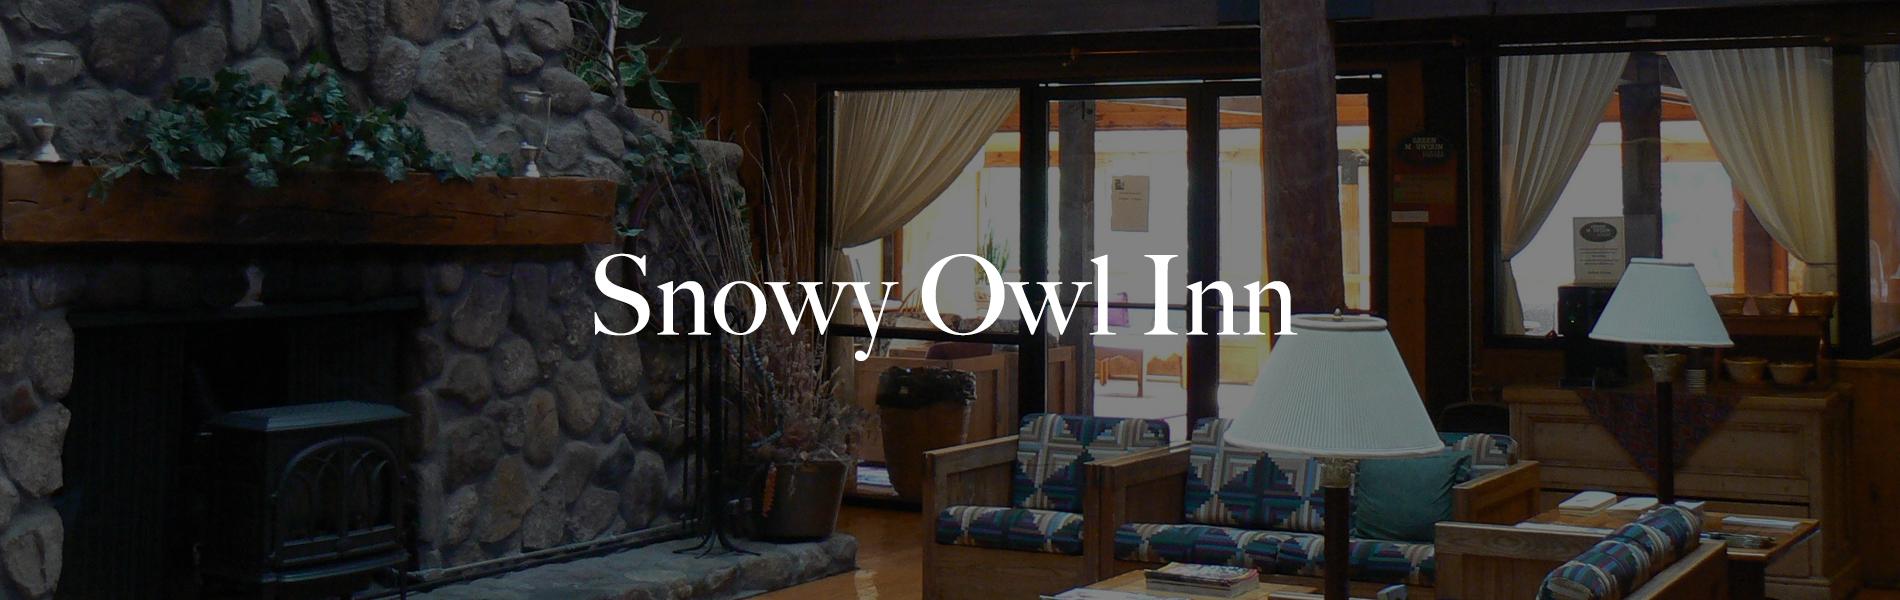 Enjoy the charm of the Snowy Own Inn